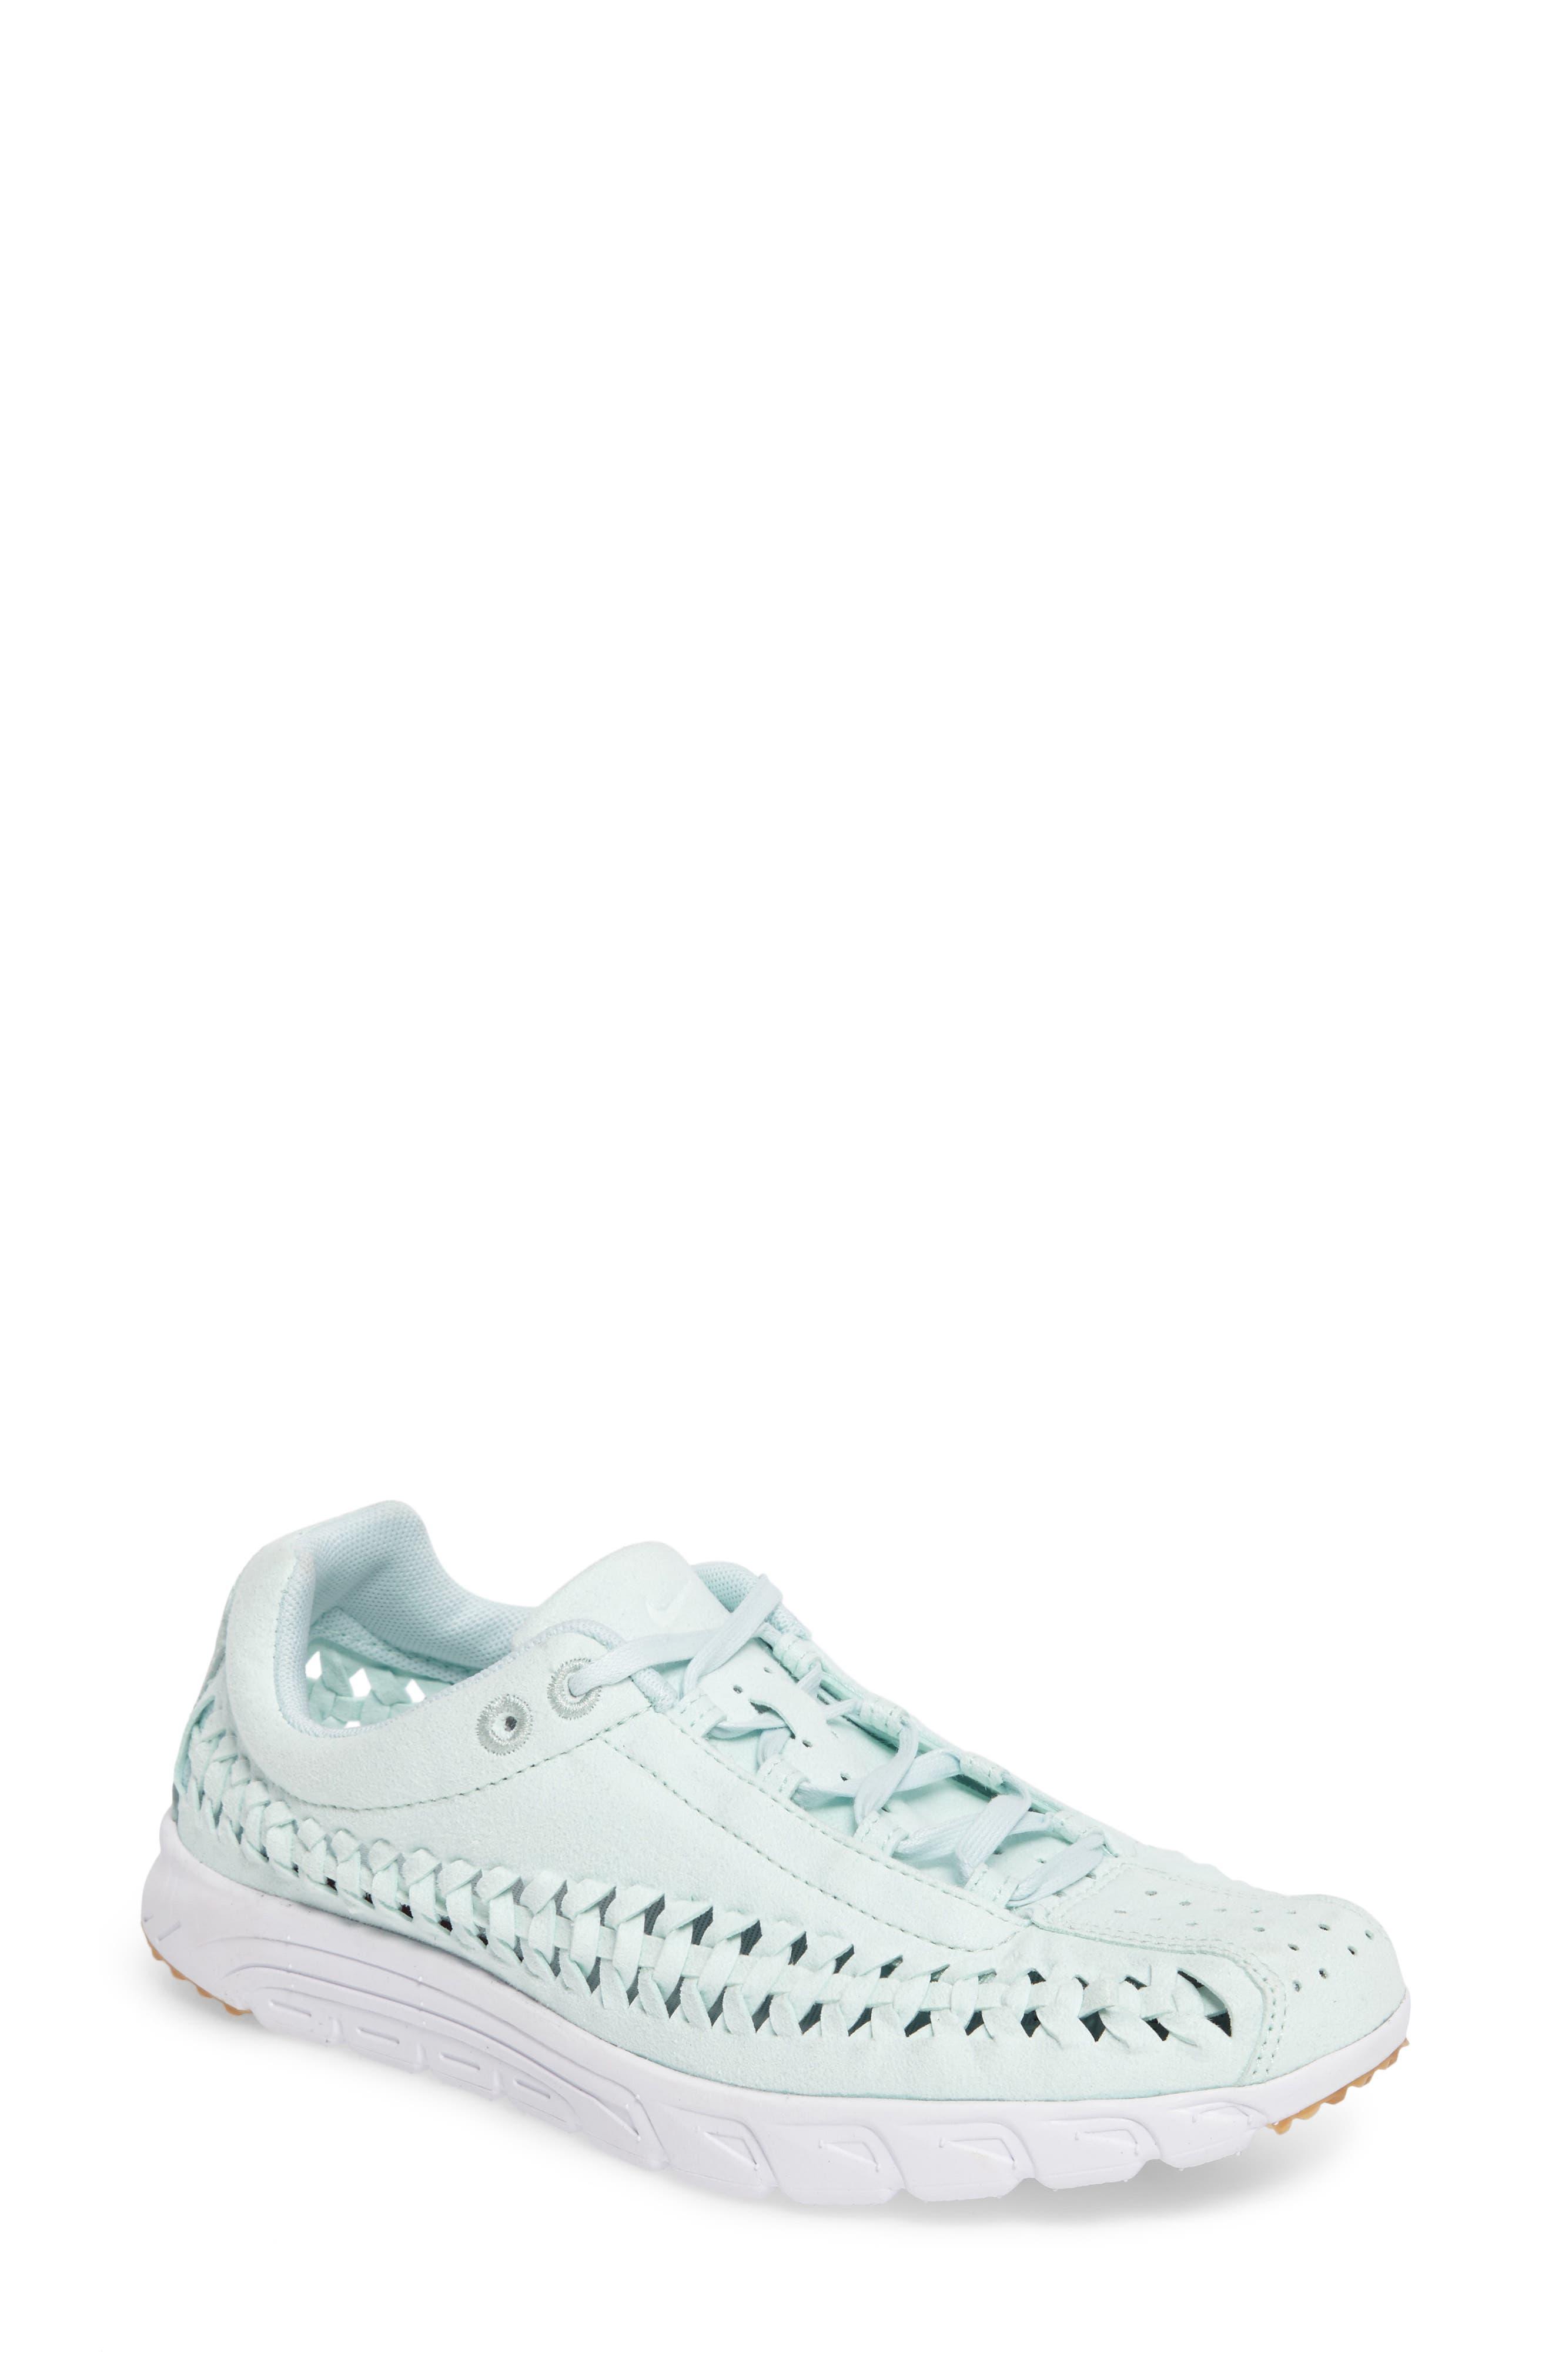 Nike Mayfly Woven QS Sneaker (Women)